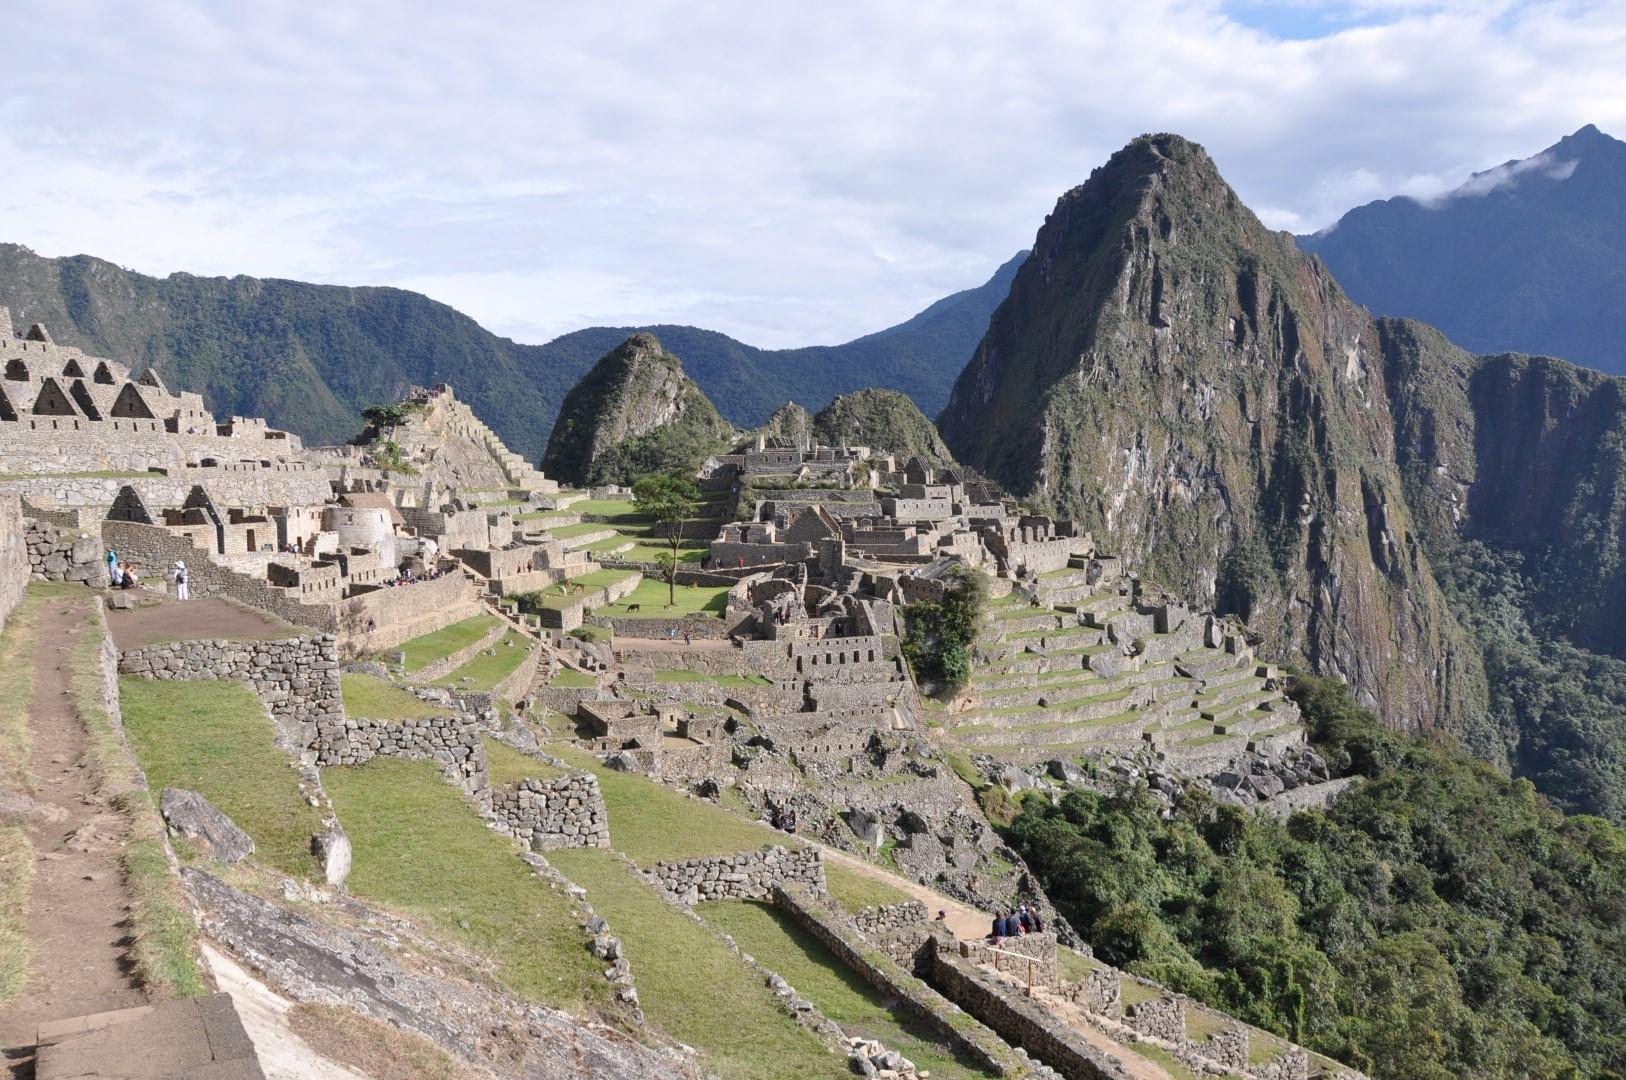 Camino Inca Corto - Machu Picchu